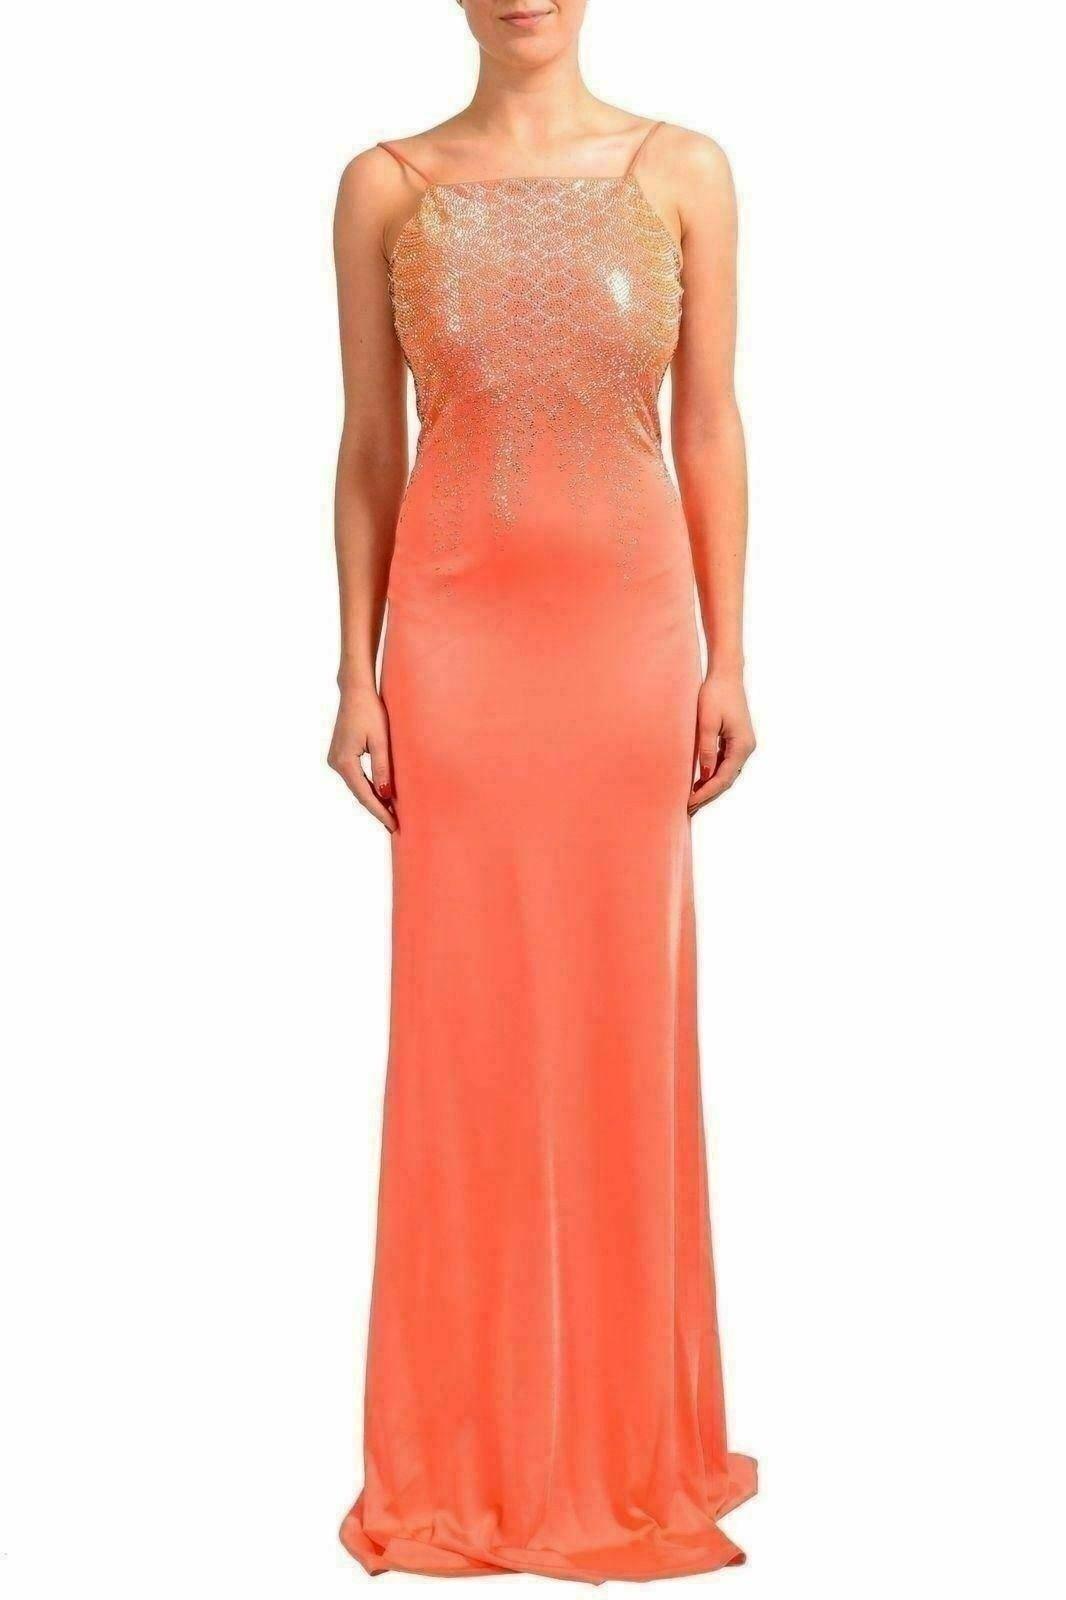 55c239943468 Just Cavalli Arancione Perline Decorato Donna Abito Abito Abito lungo USA S  It 40 3ecd6e